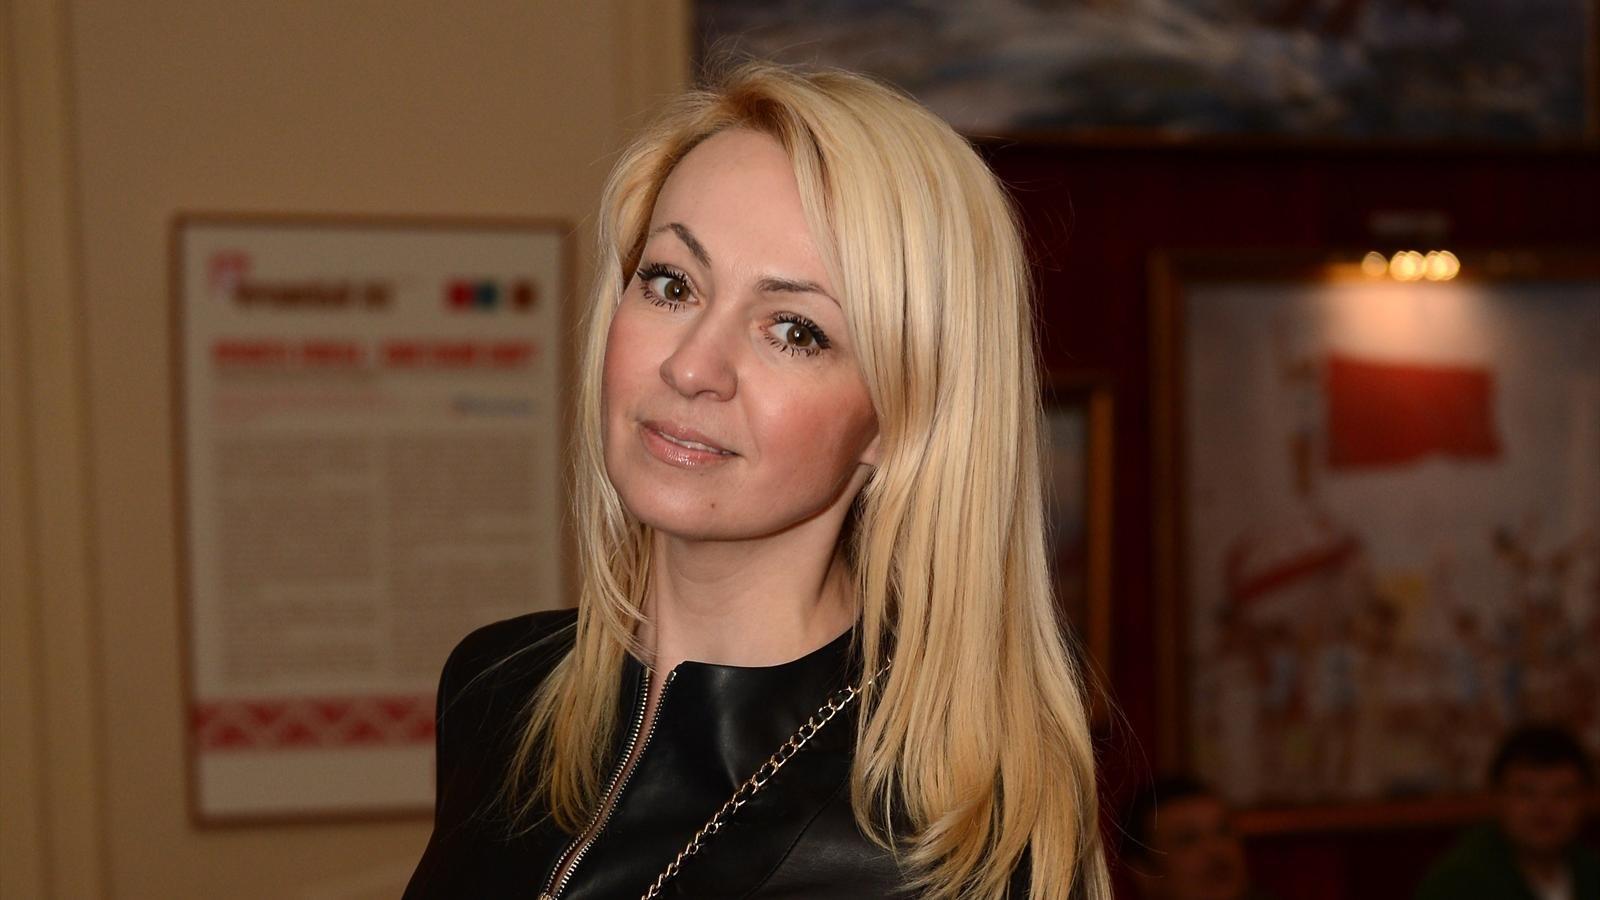 Поклонники убеждены, что Яна Рудковская беременна девочкой